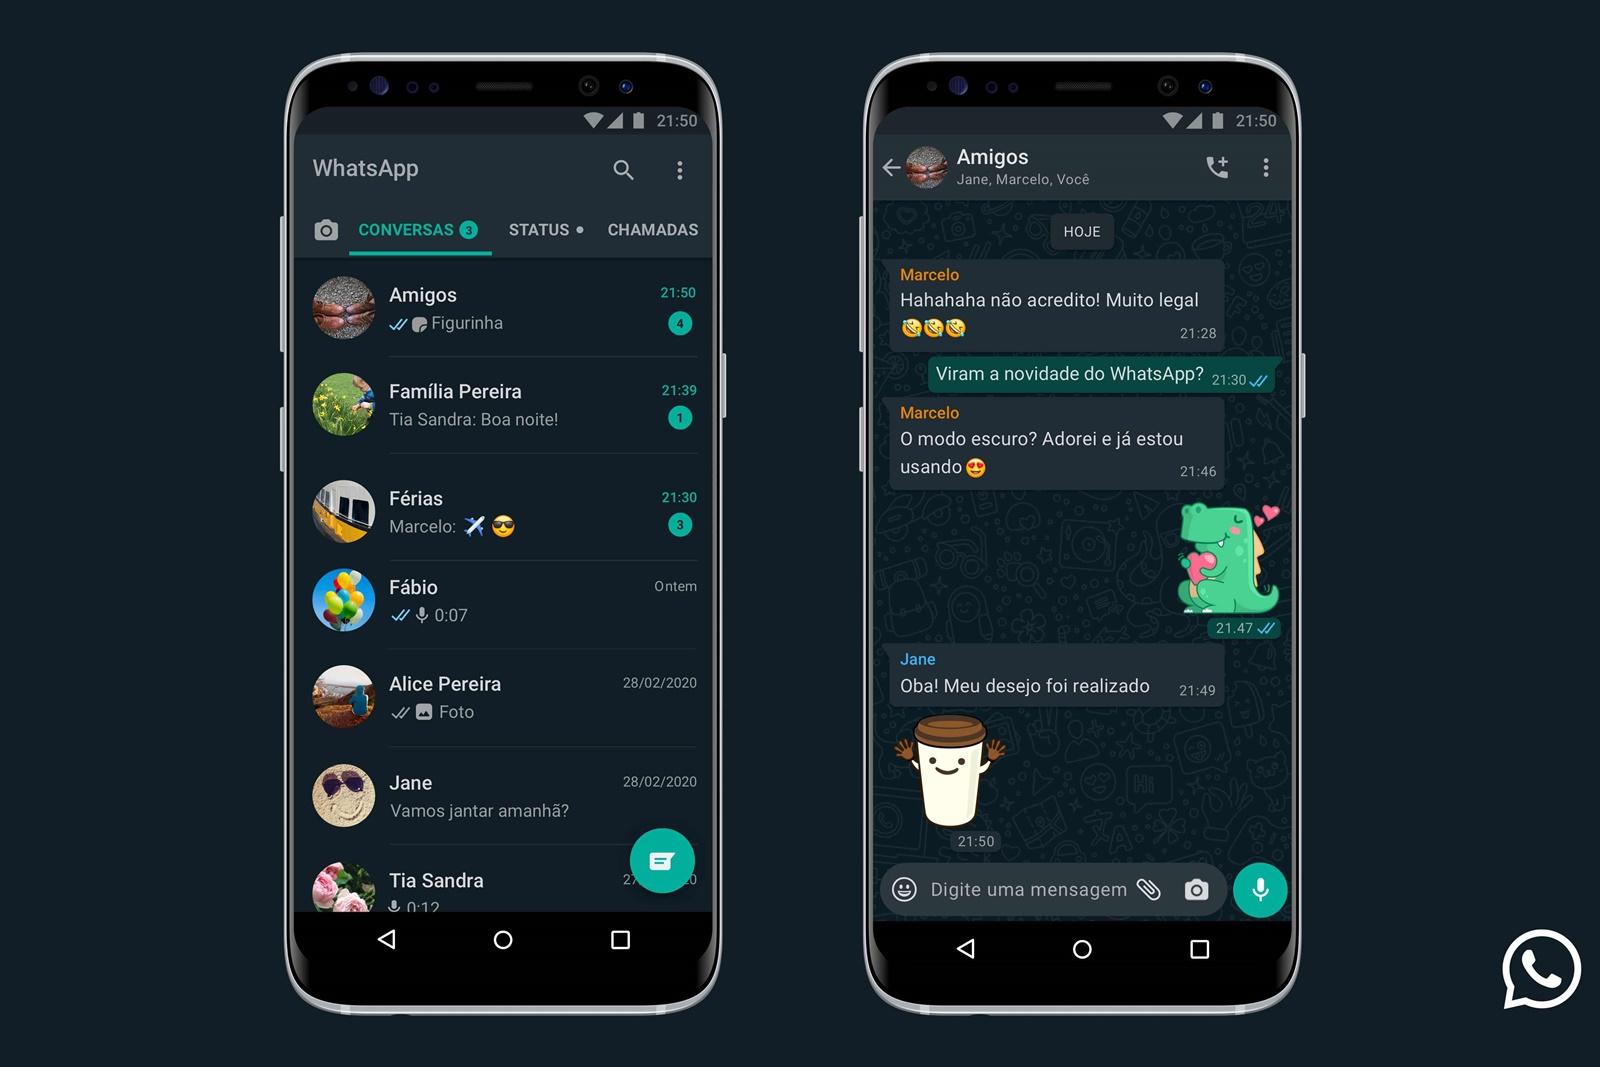 WhatsApp: Modo Escuro finalmente chega para todos